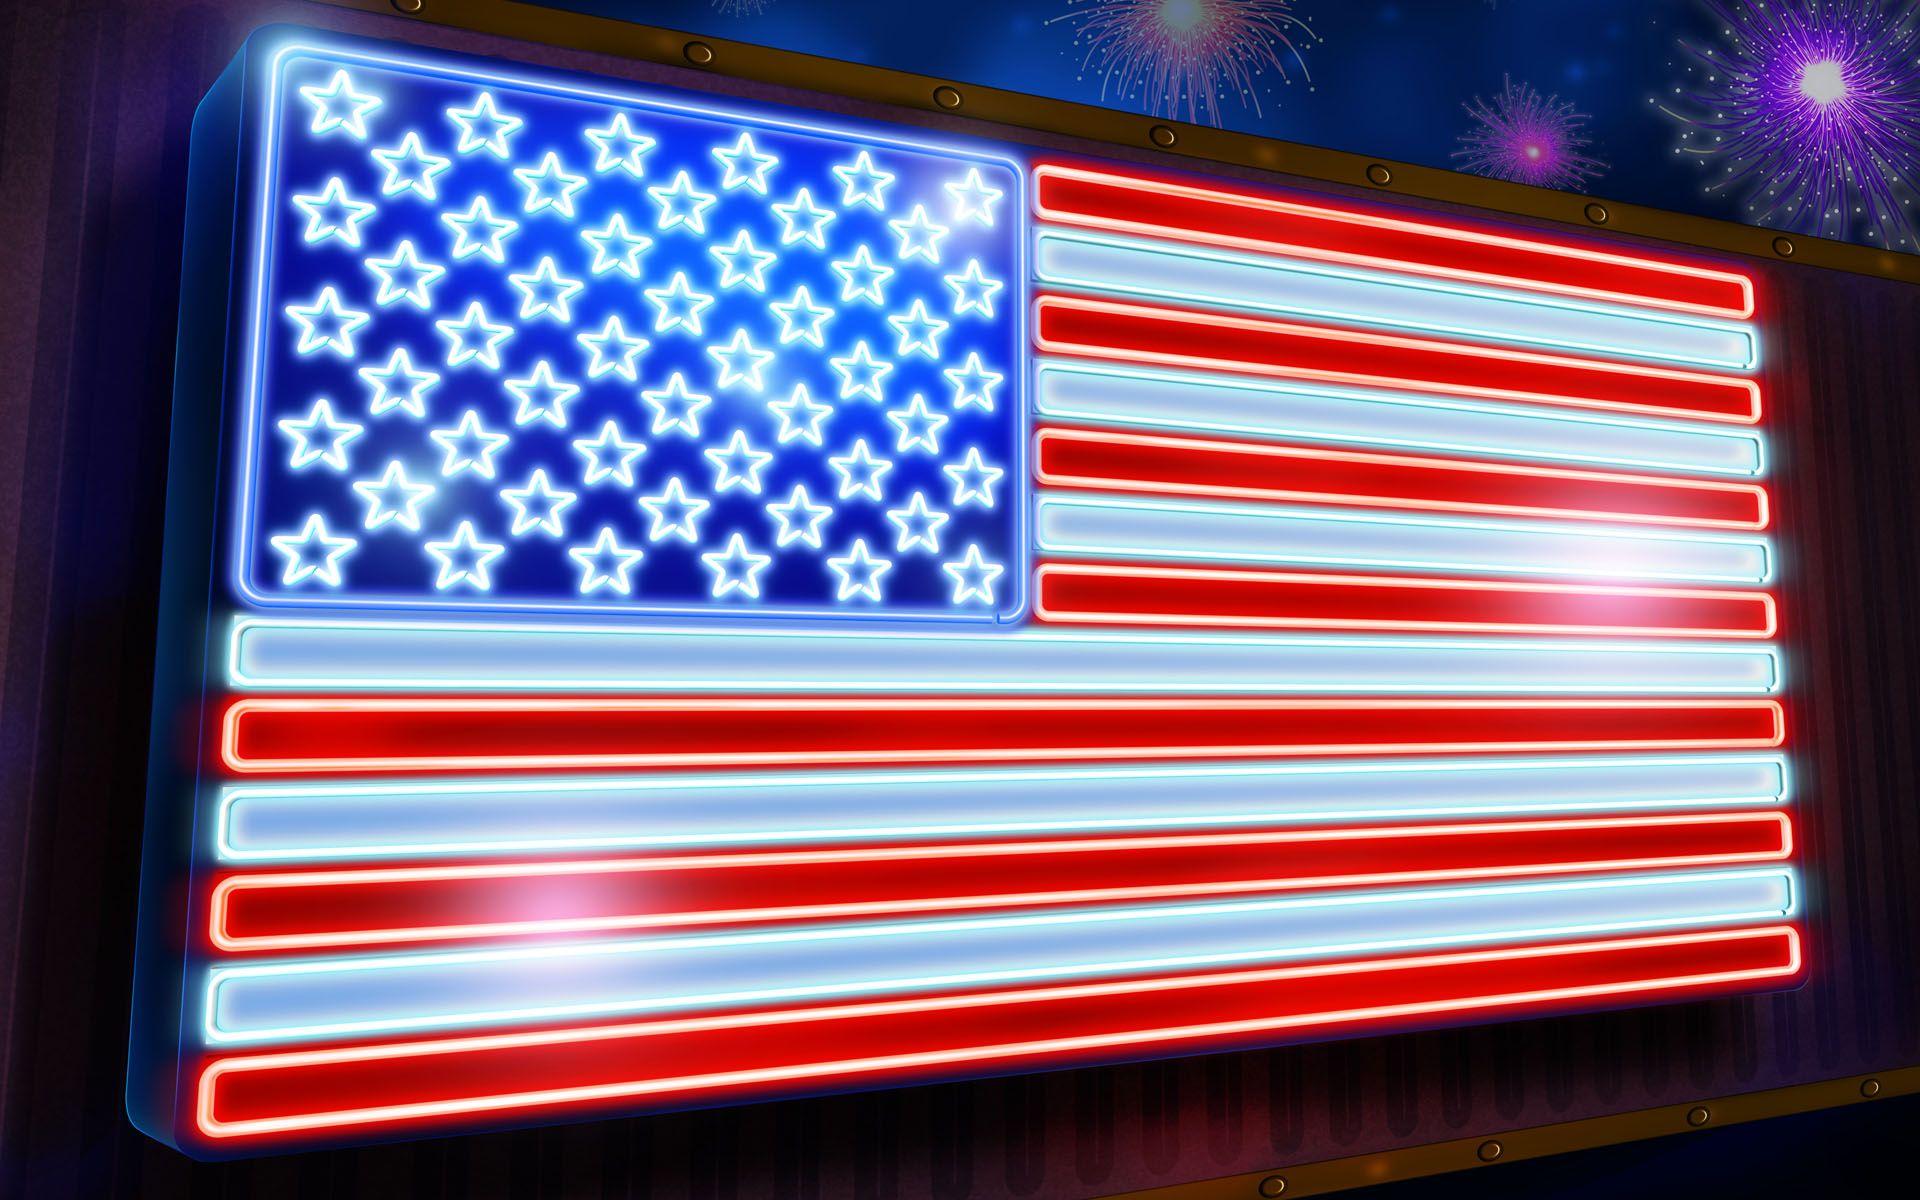 Hd wallpaper usa flag - The Your Web Usa Wallpaper Usa Hd Wallpapers Usa Beautiful Places 1600 900 Usa